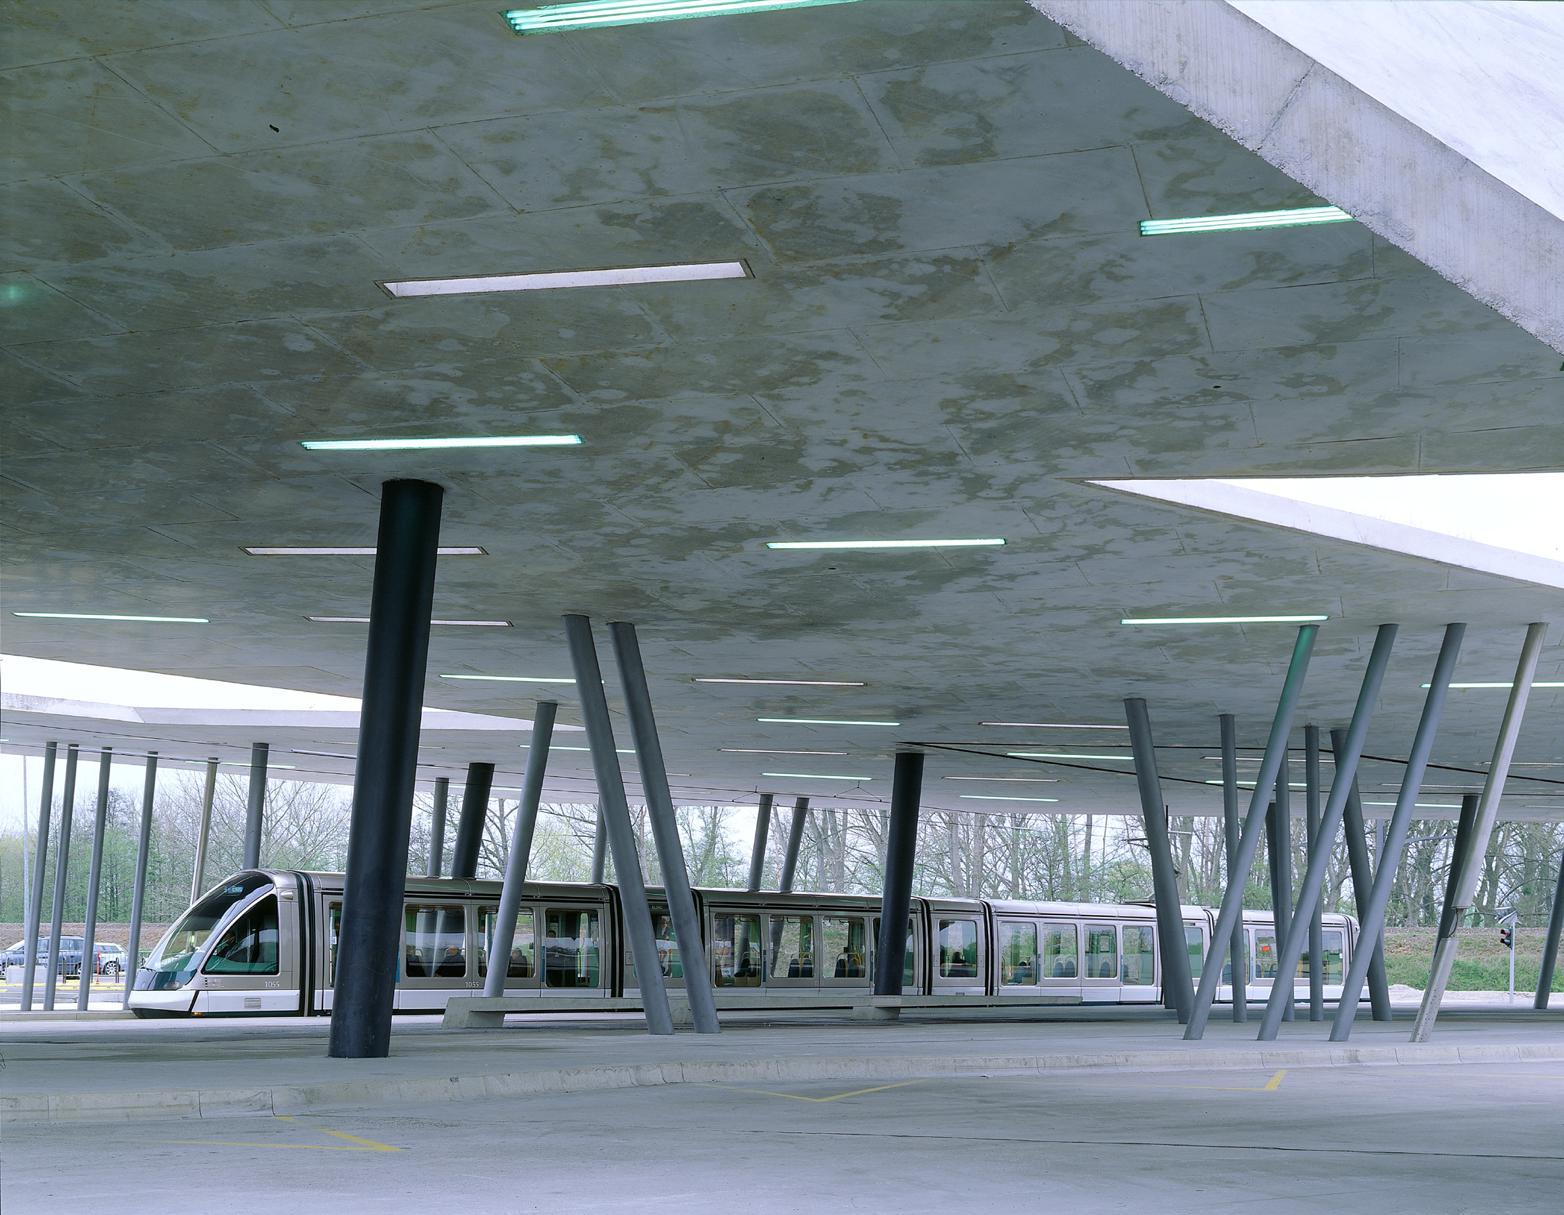 Zaha Hadid, Parking i dworzec tramwajowy Hœnheim Nord, Nagroda Unii Europejskiej w dziedzinie architektury współczesnej – Mies van der Rohe Award, 2003 (źródło: materiały prasowe organizatora)